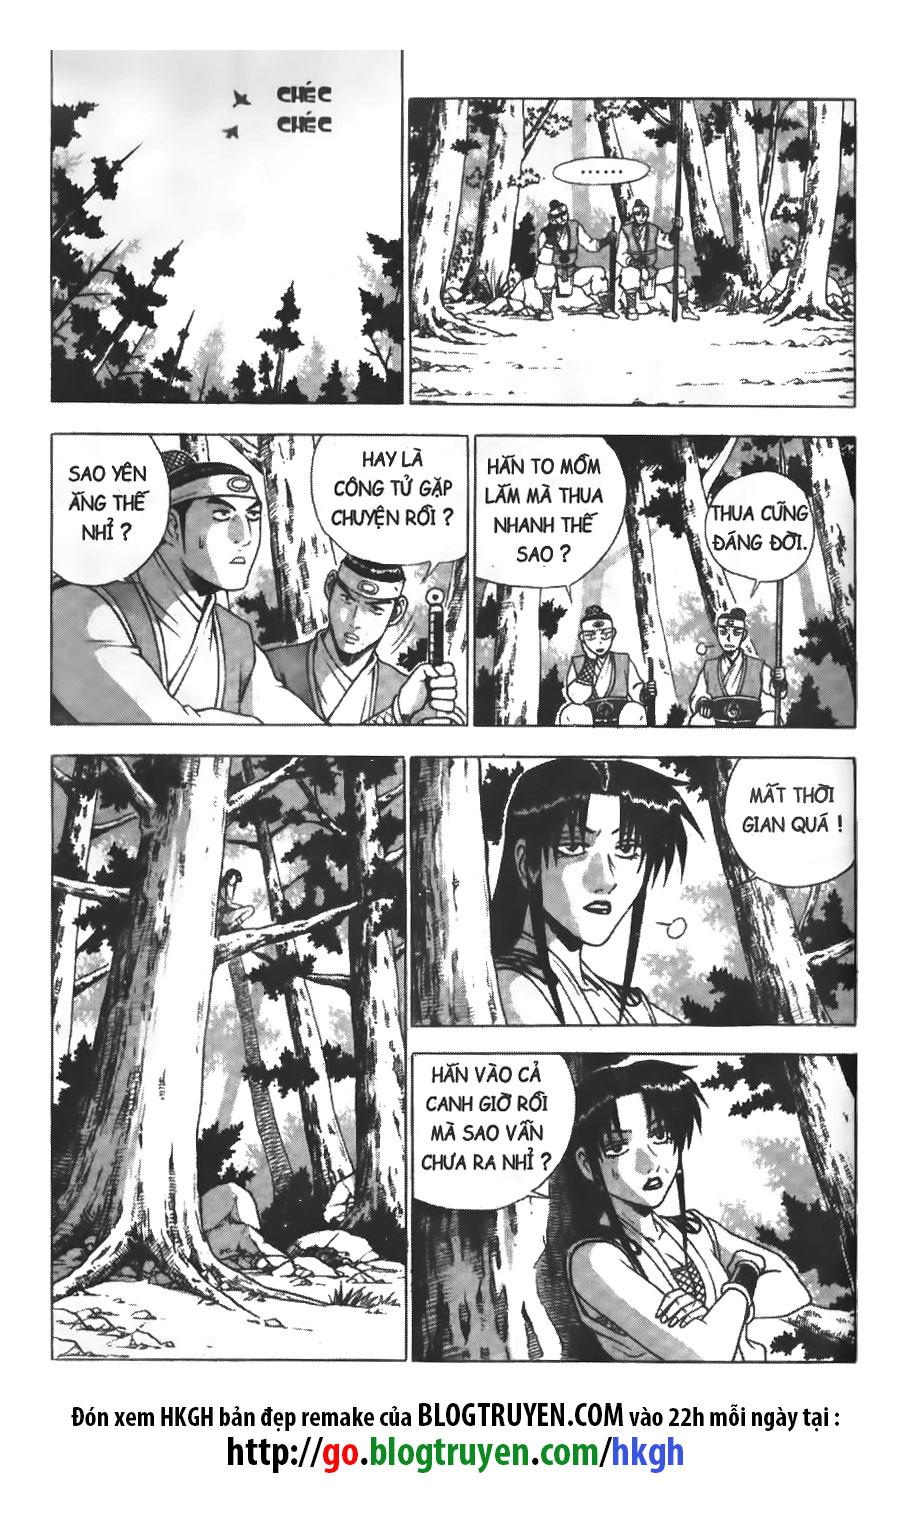 xem truyen moi - Hiệp Khách Giang Hồ Vol35 - Chap 238 - Remake